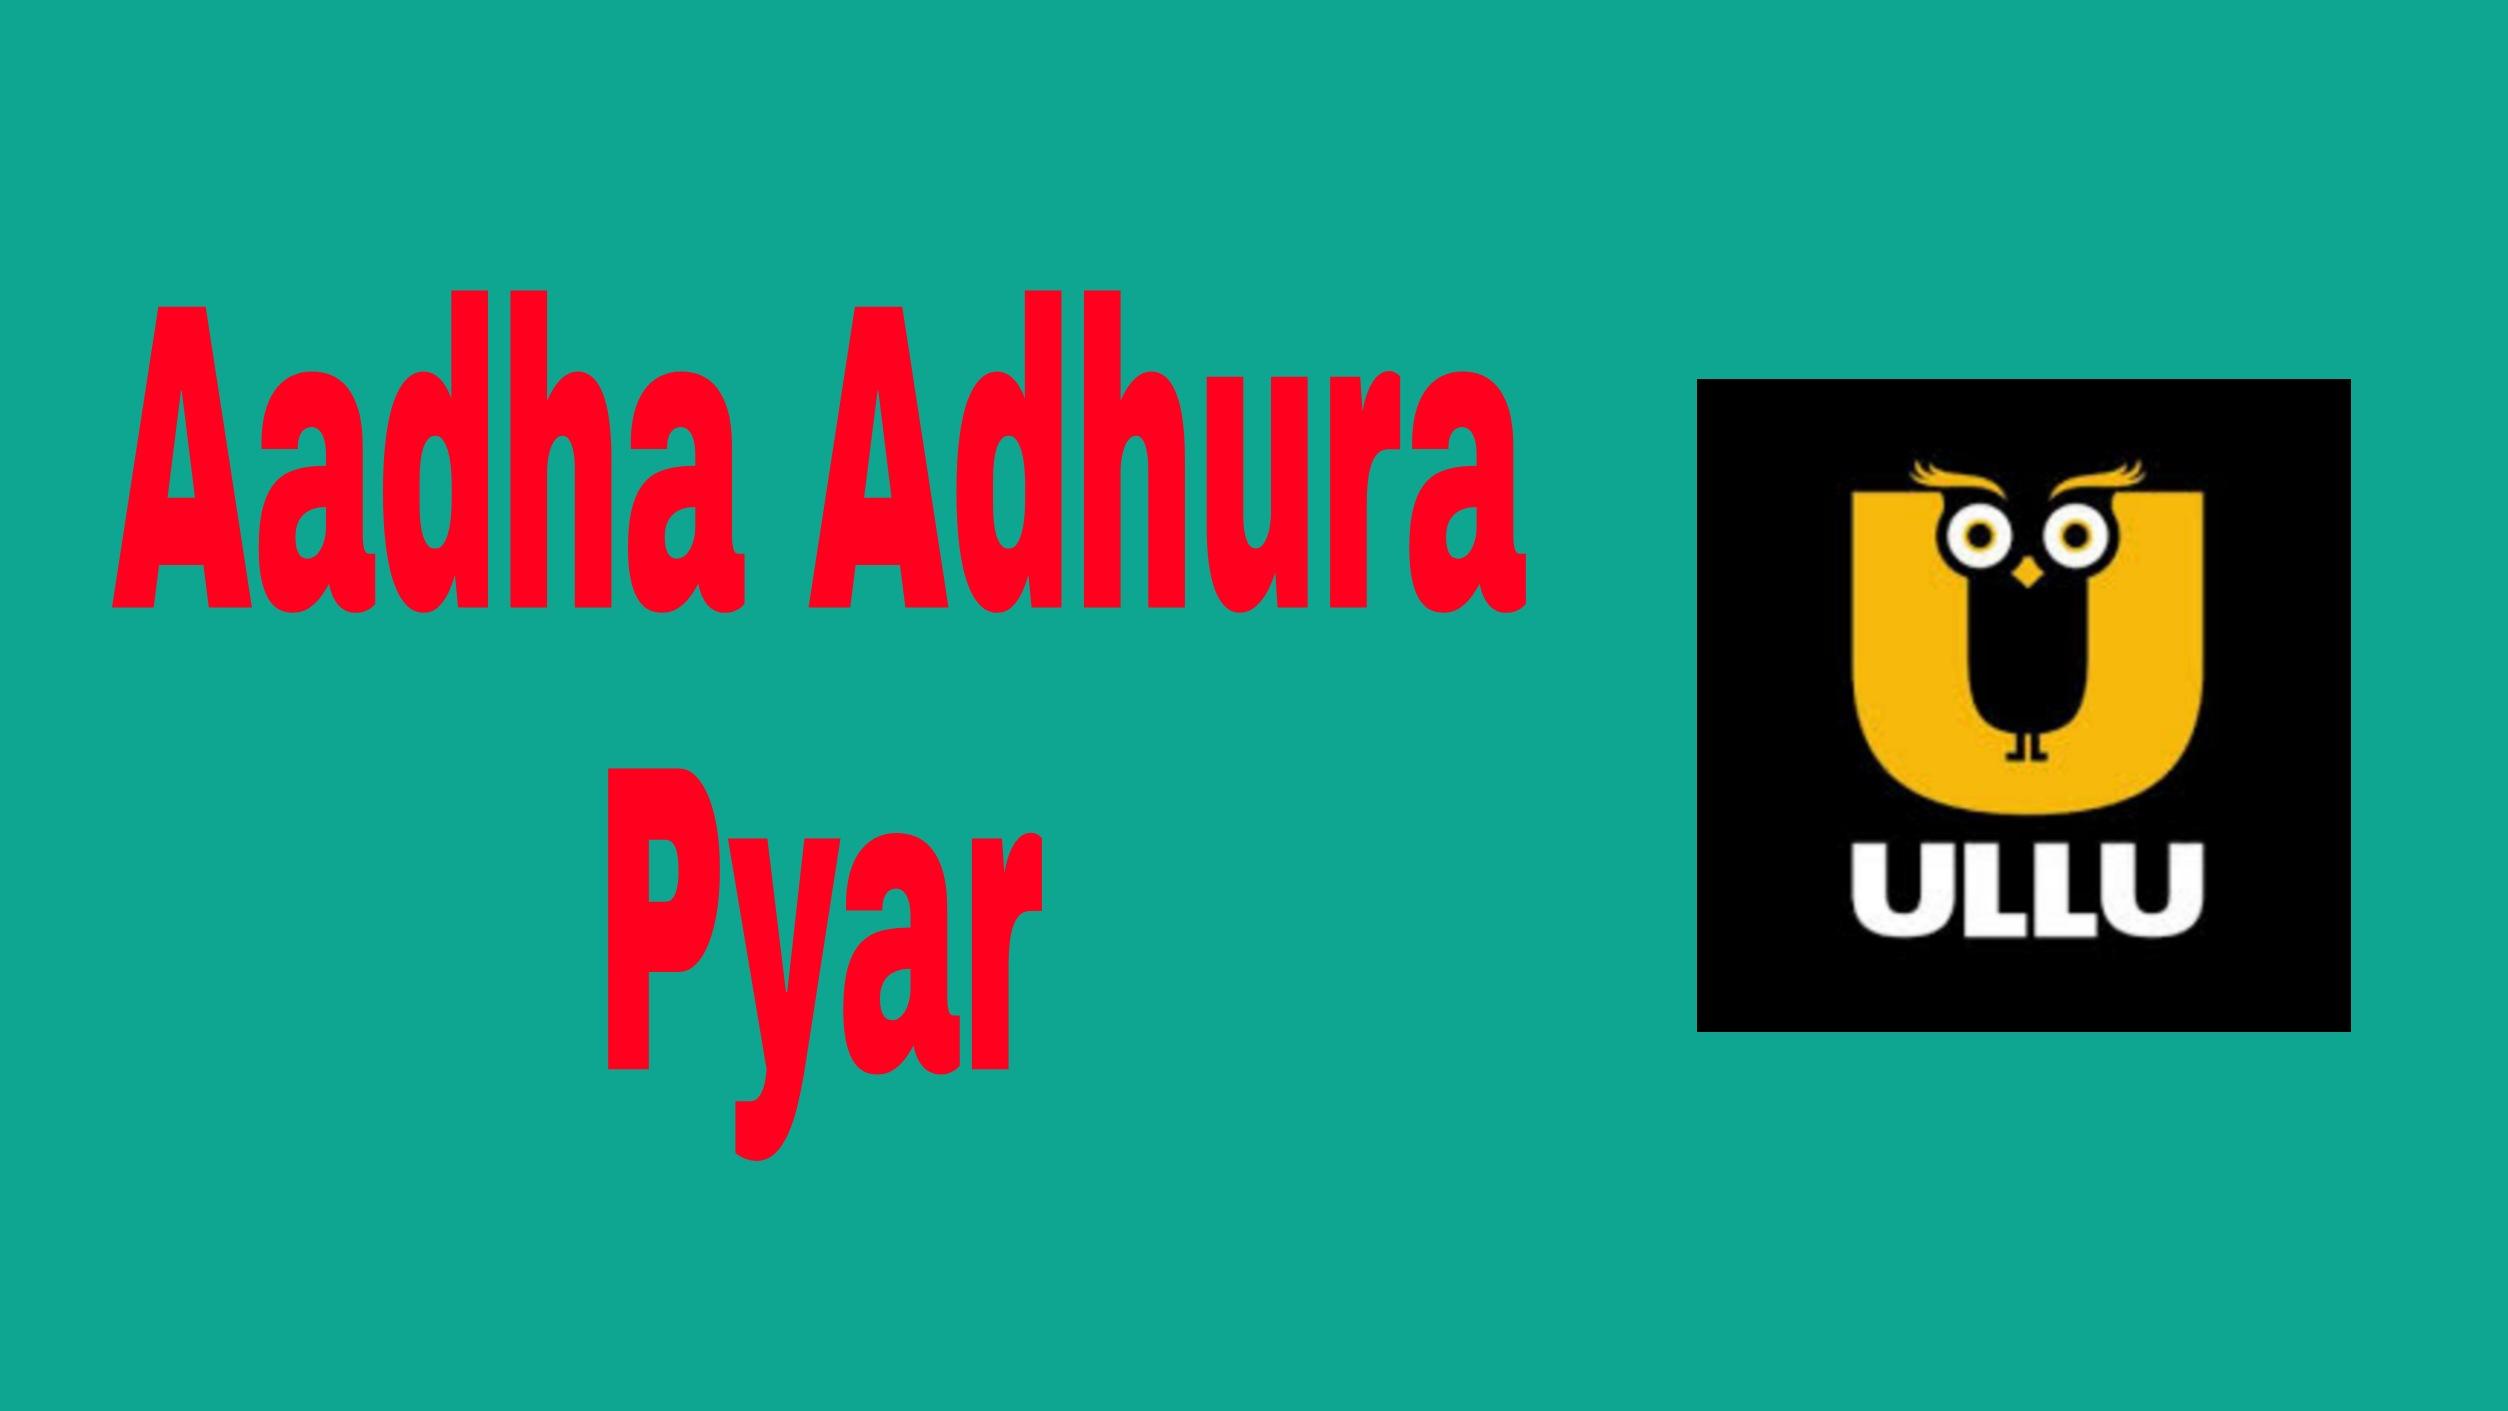 Aadha Adhura Pyar